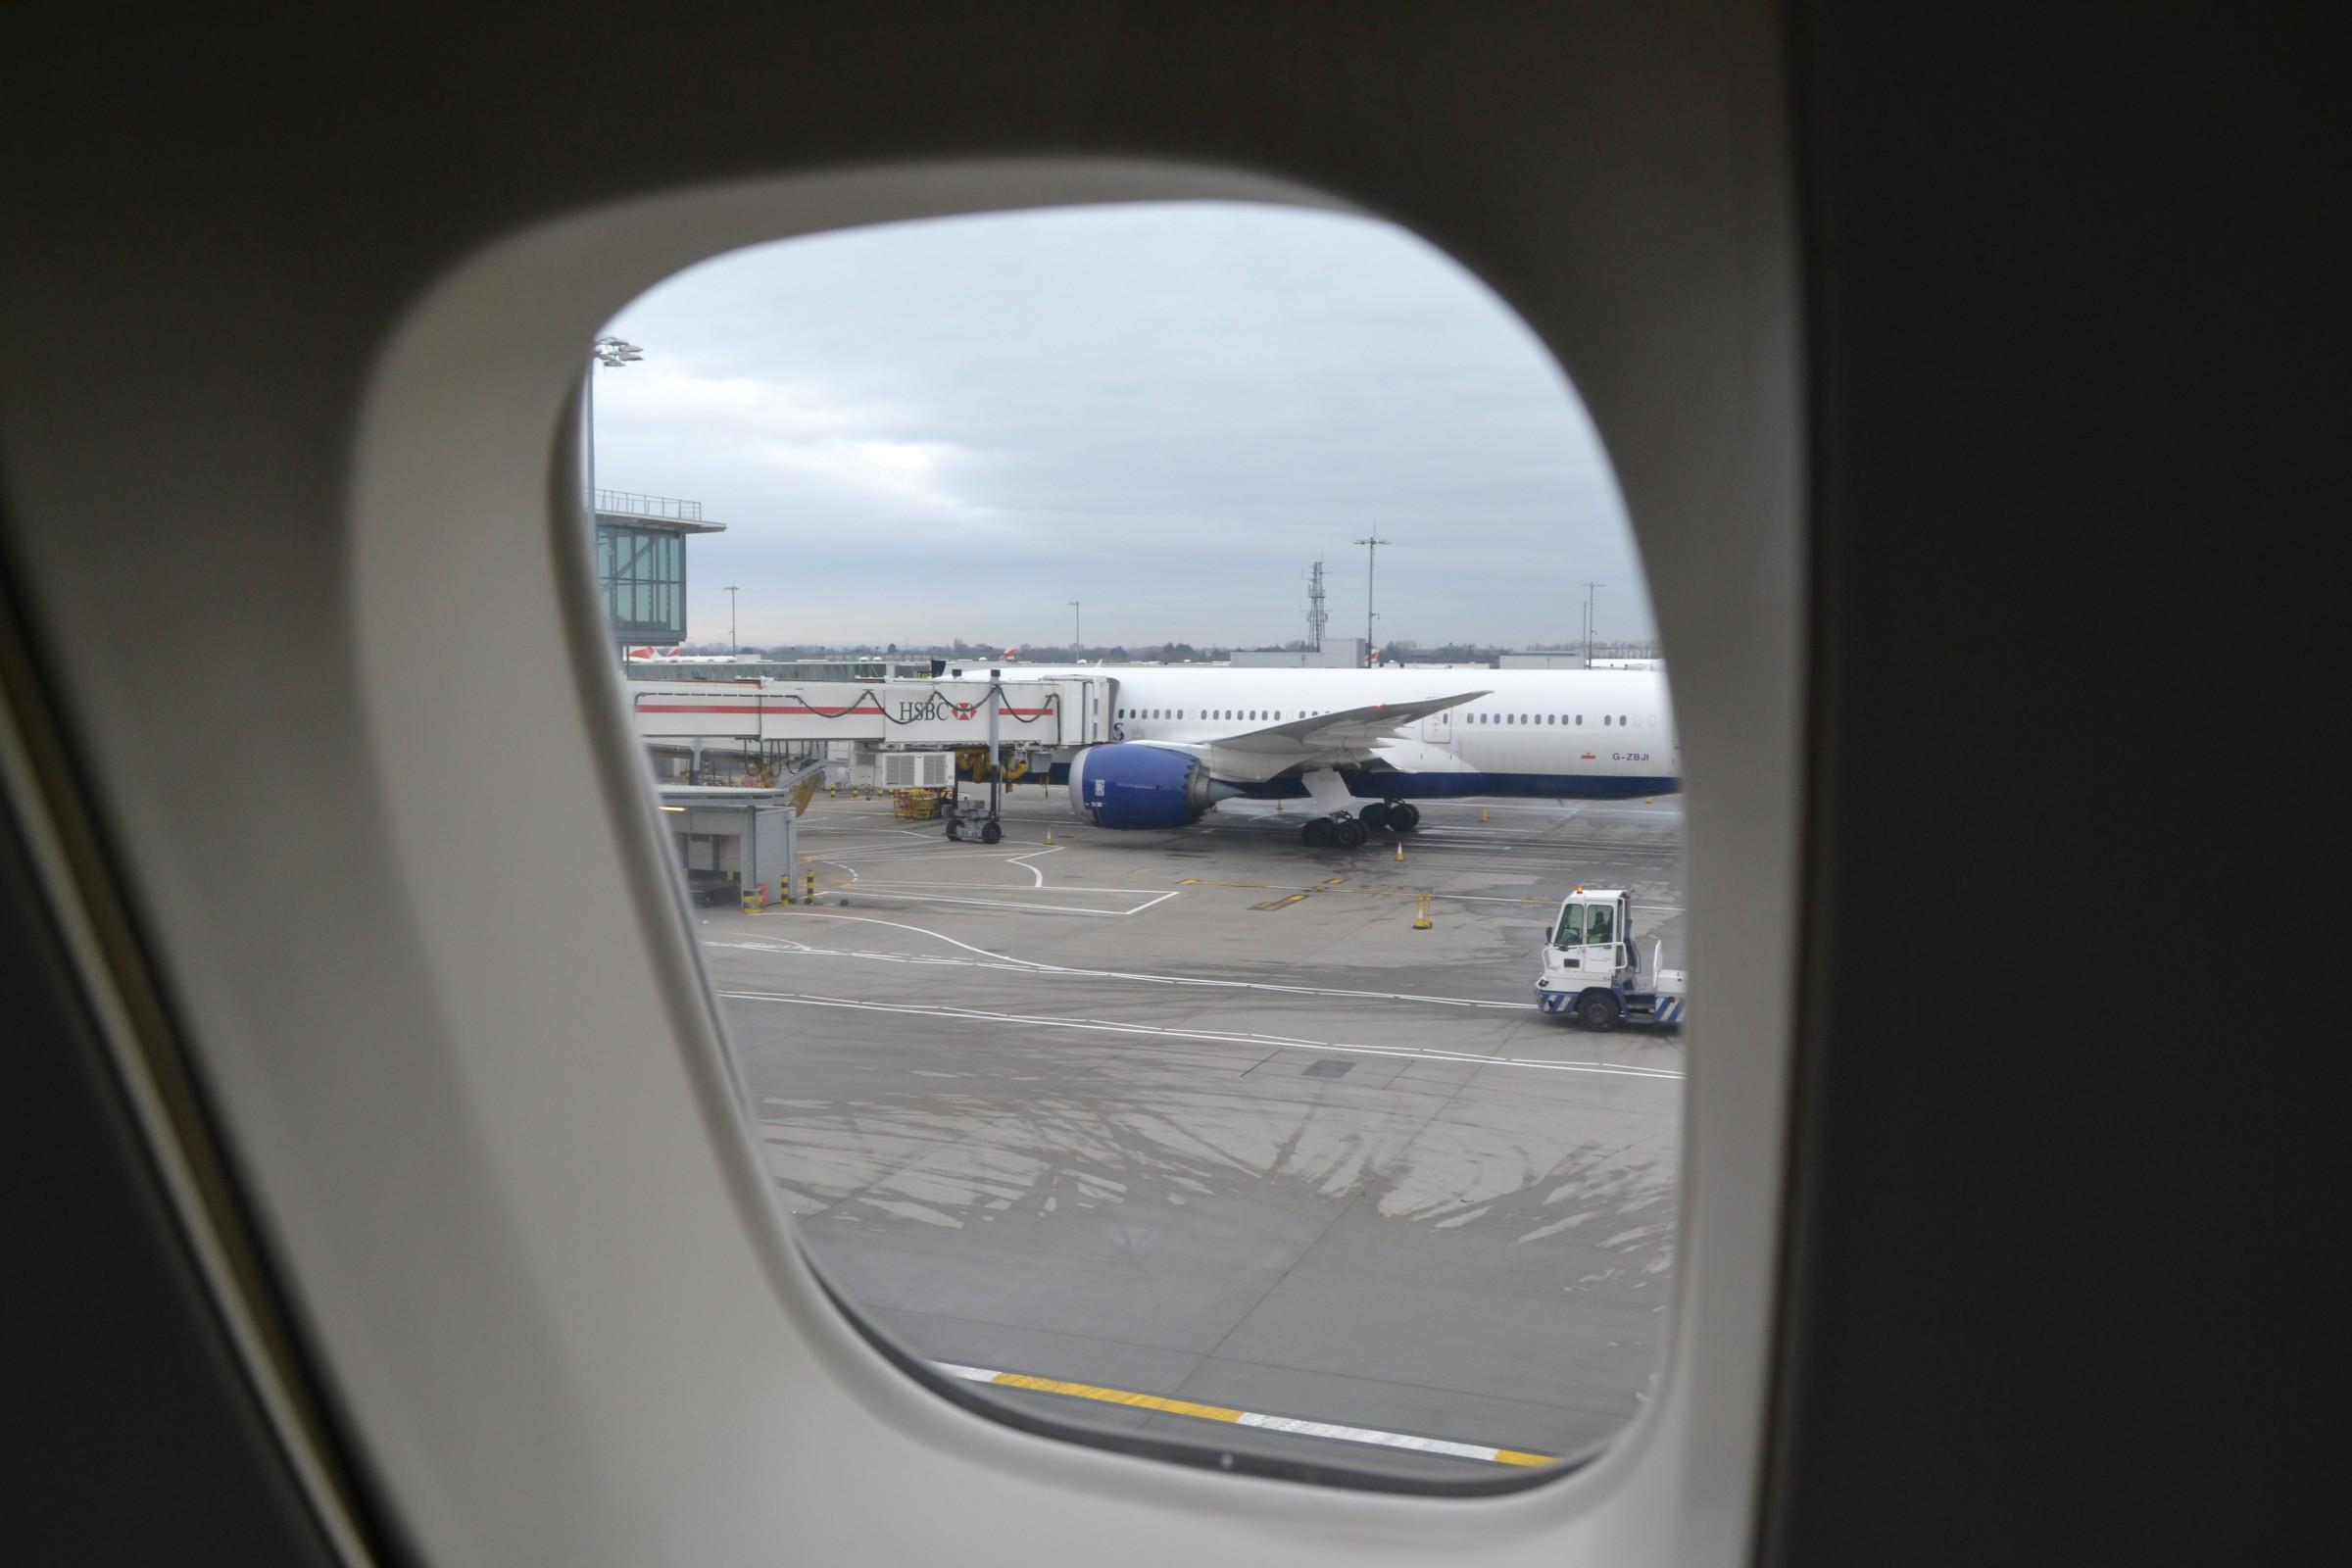 photo LHRJFK-019